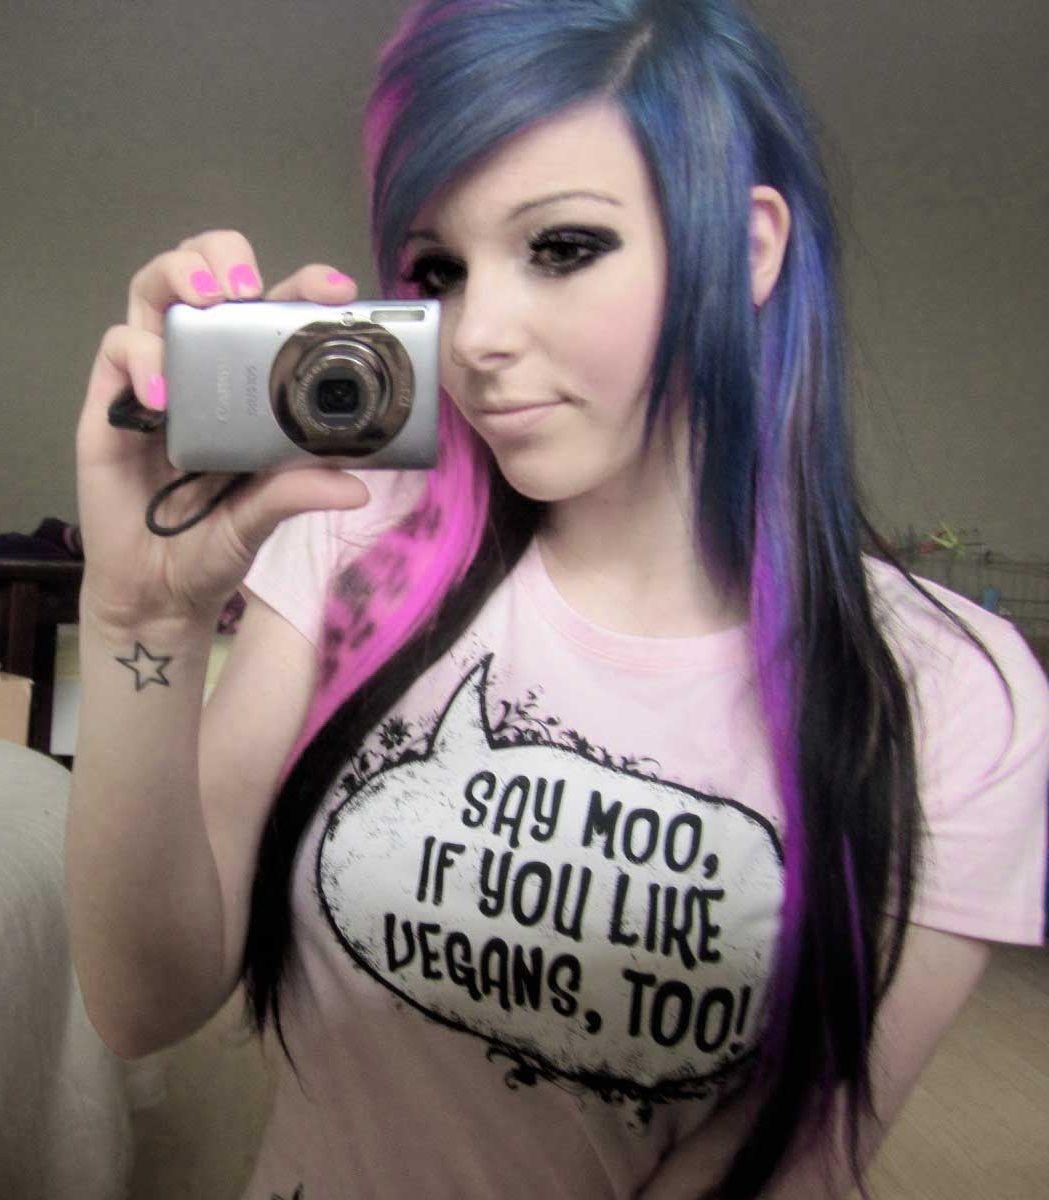 Частные фотографии голых девочек эмо в хорошем качестве 720 фотоография